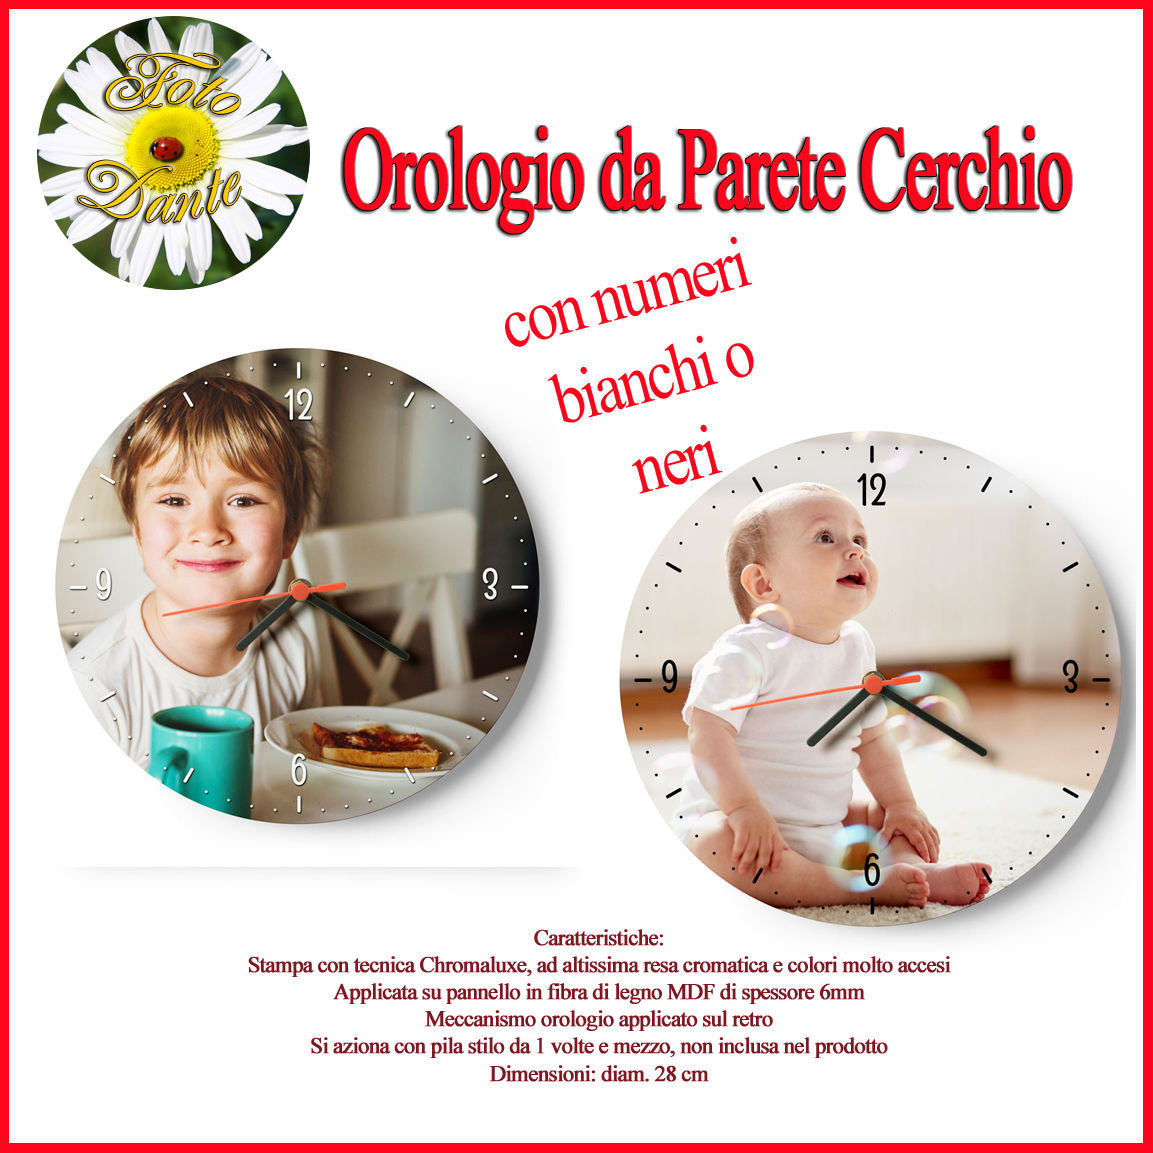 Orologio da Parete Cerchio [+€4,00]